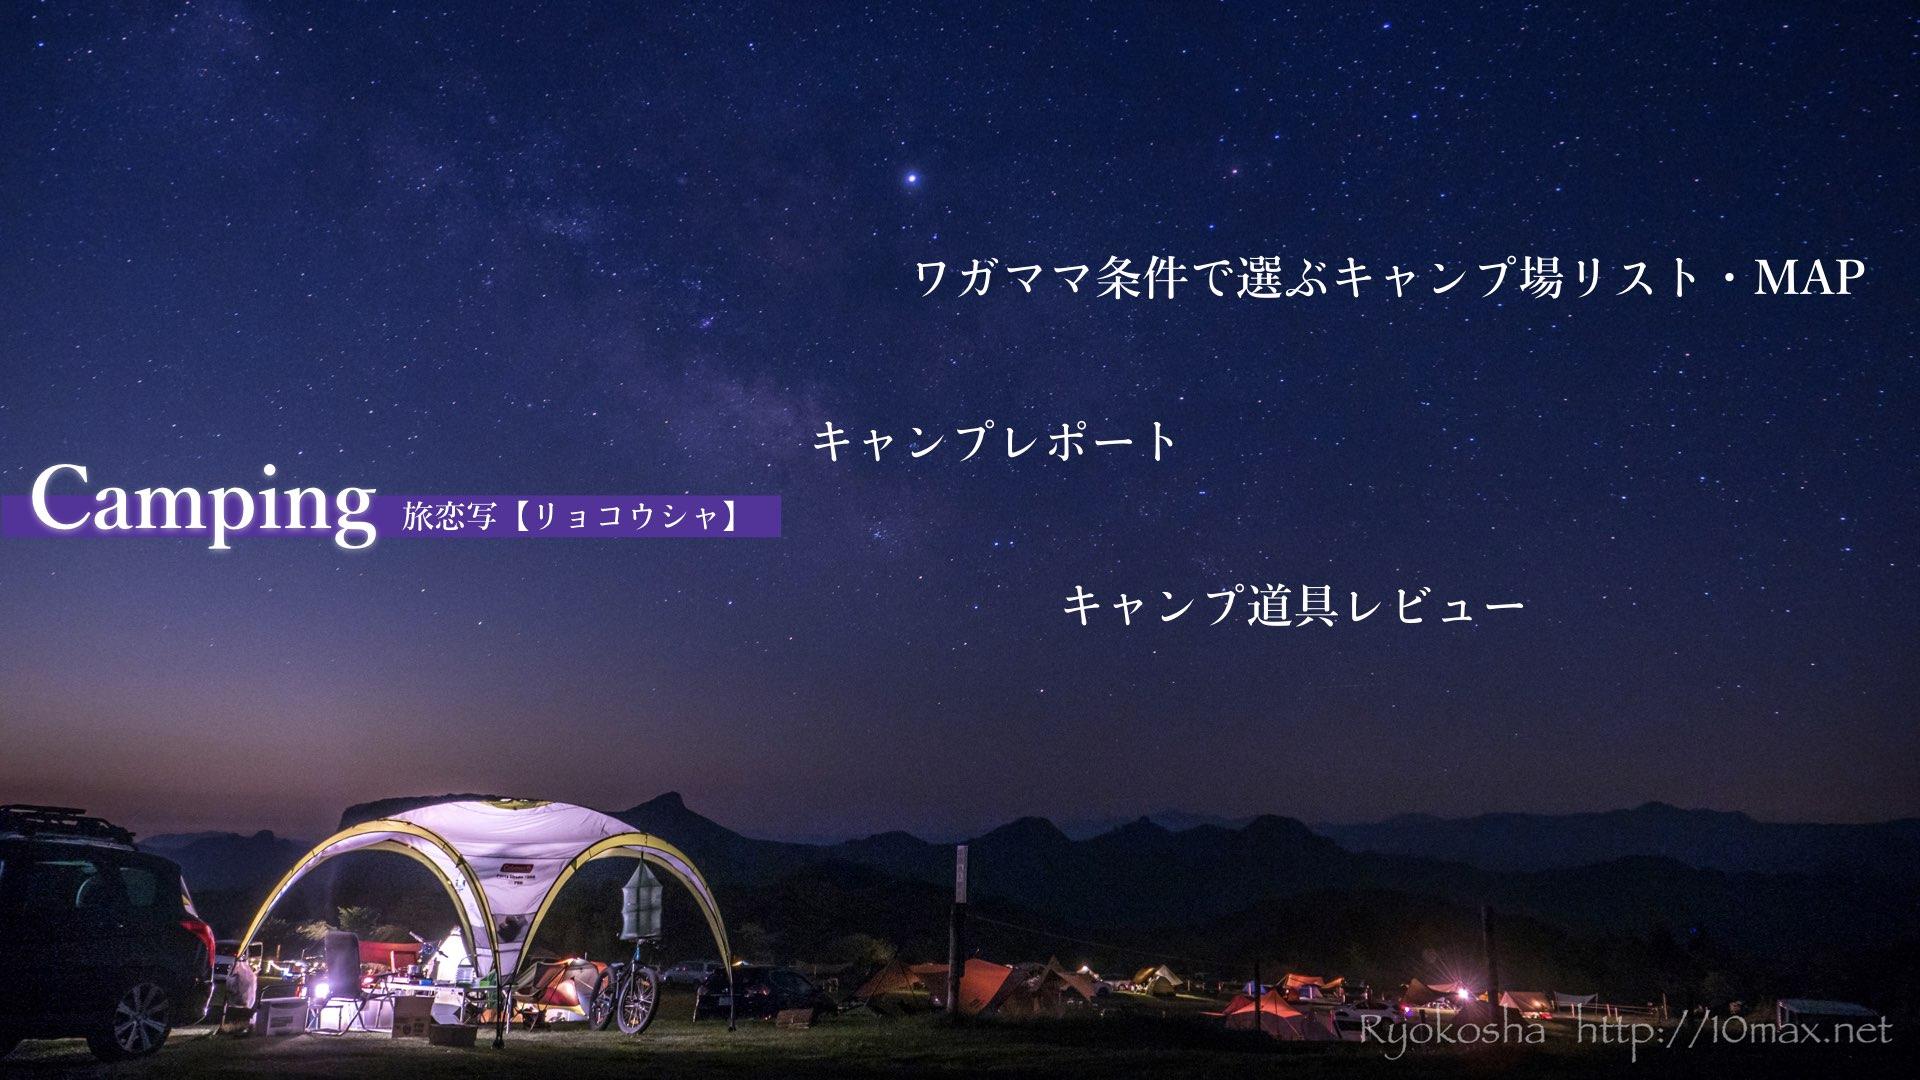 キャンプ 旅恋写【リョコウシャ】